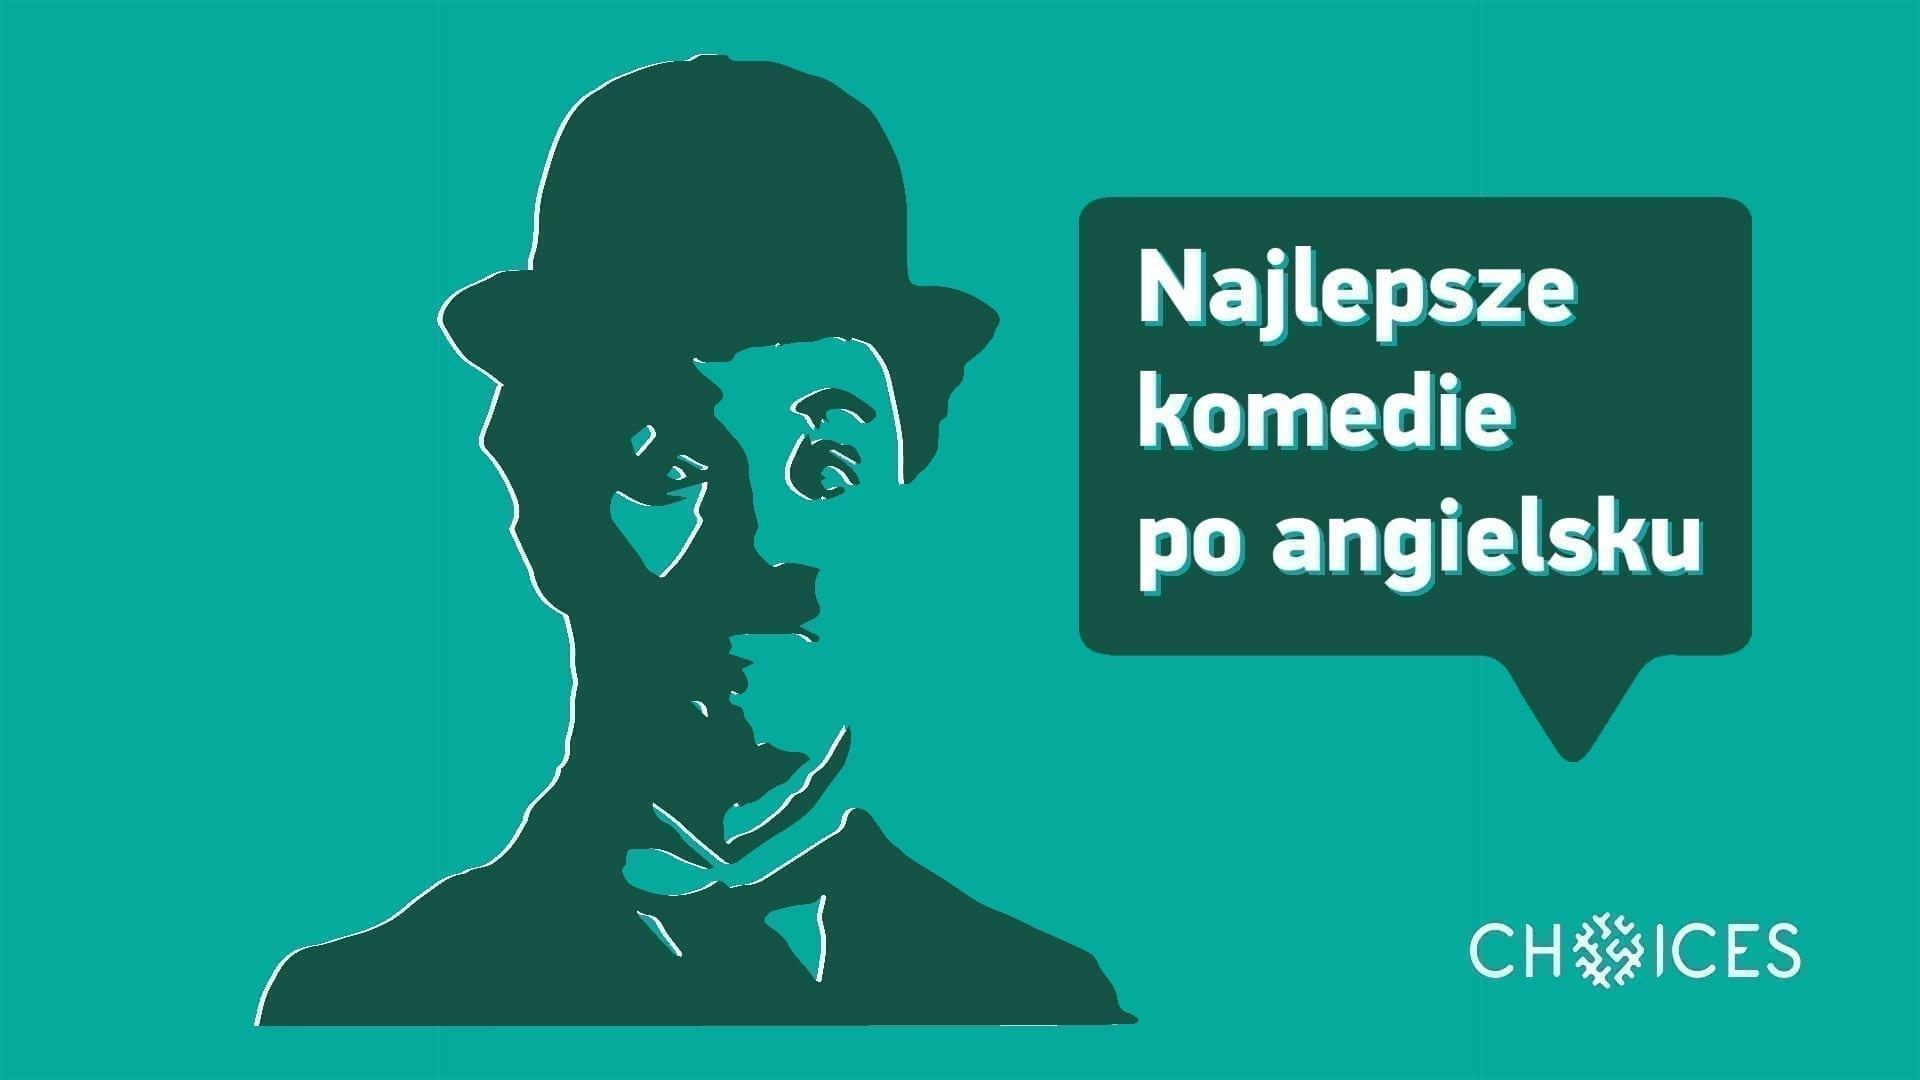 Komedie po angielsku